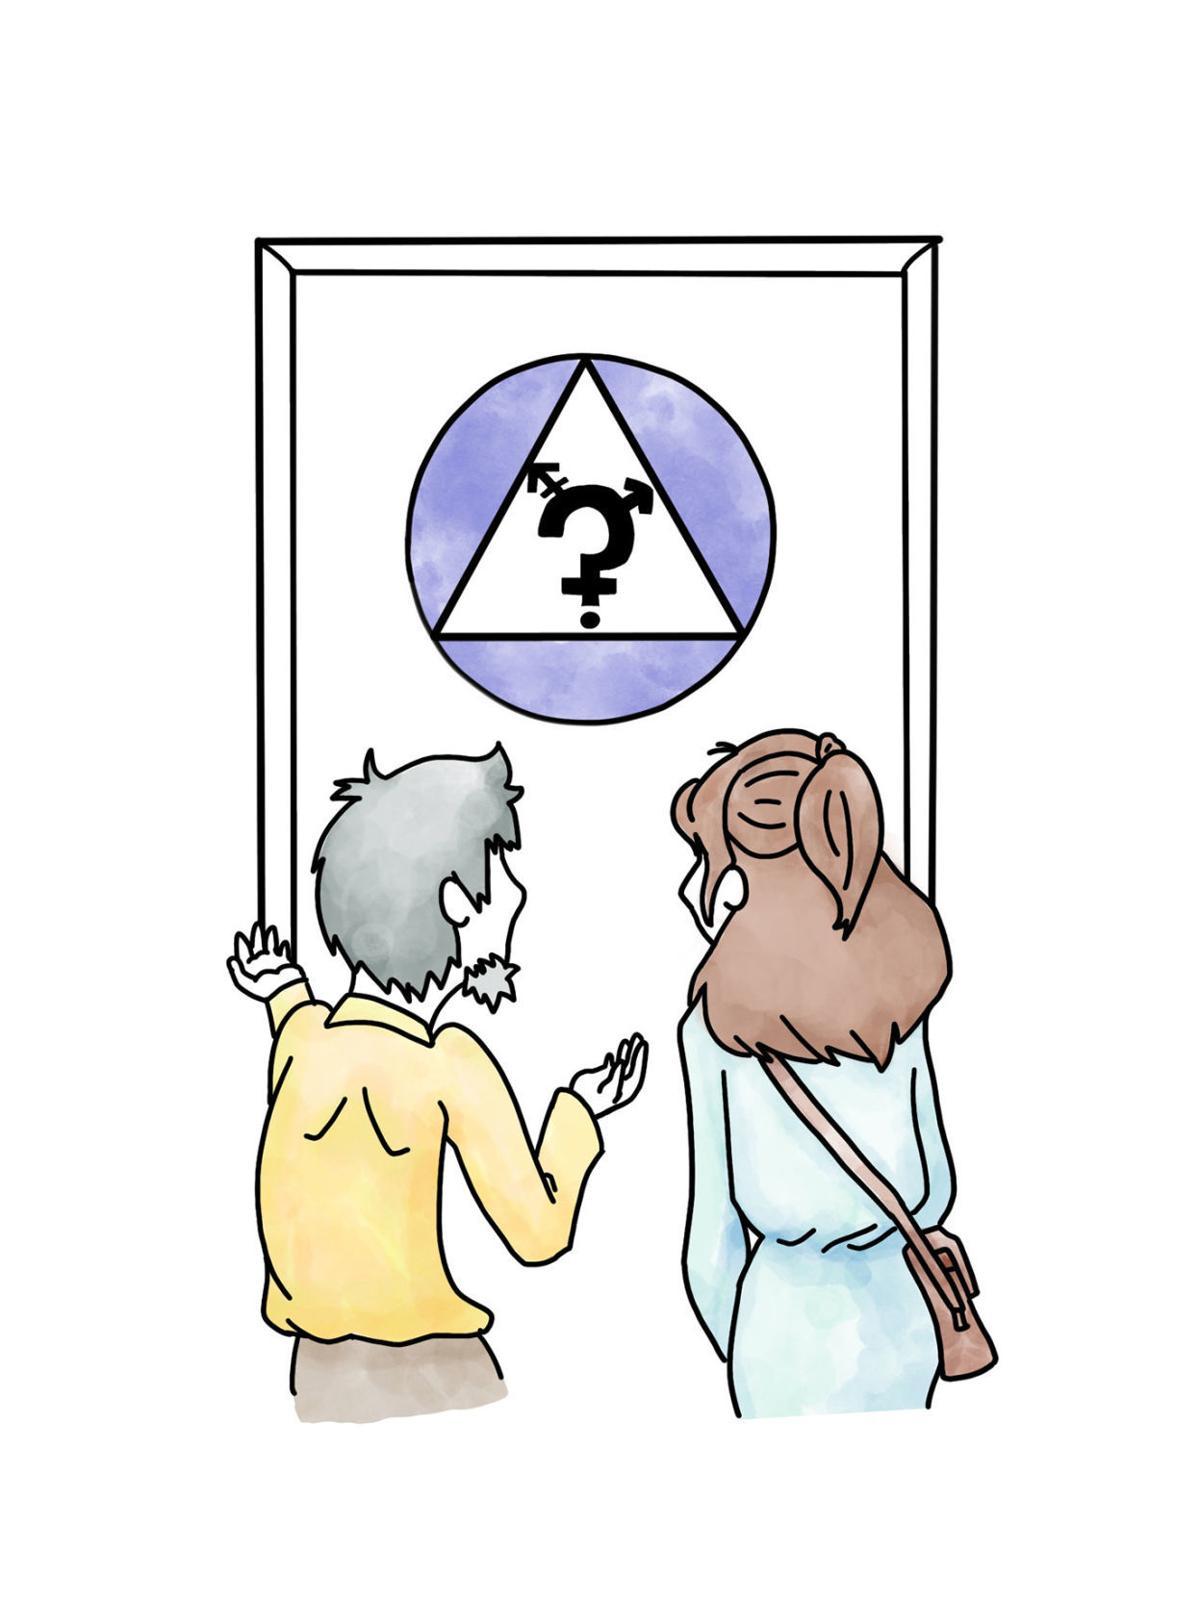 180719-nrr-transgenderbathroom-01